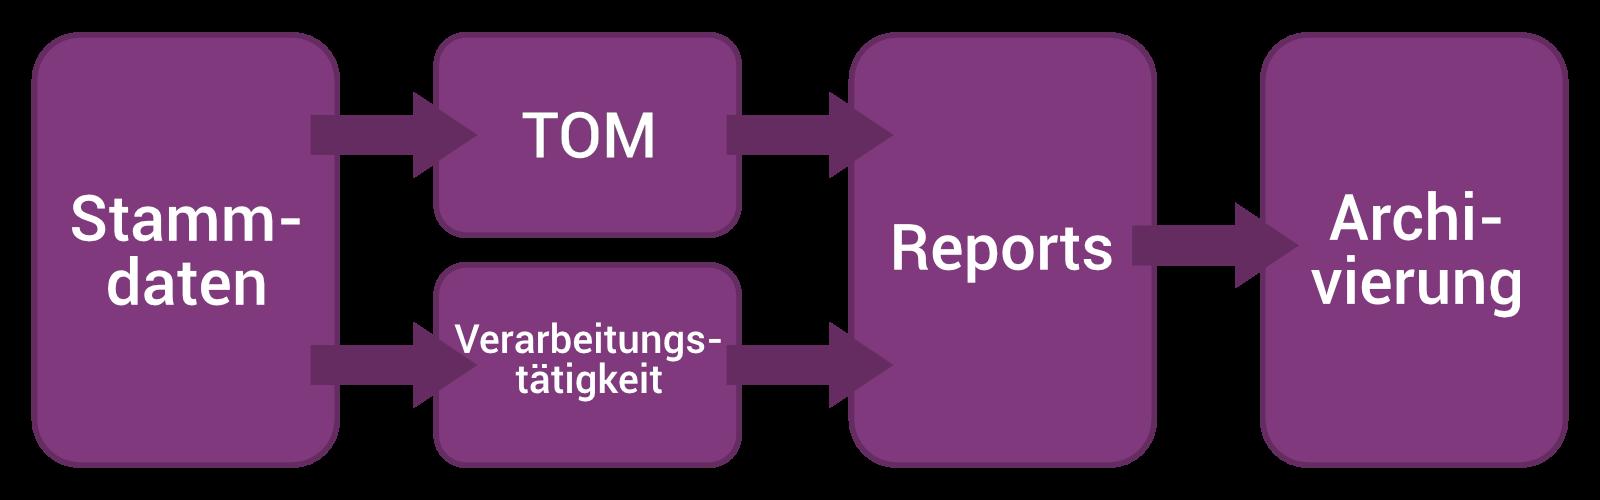 Datenschutz Funktionen Überlblick